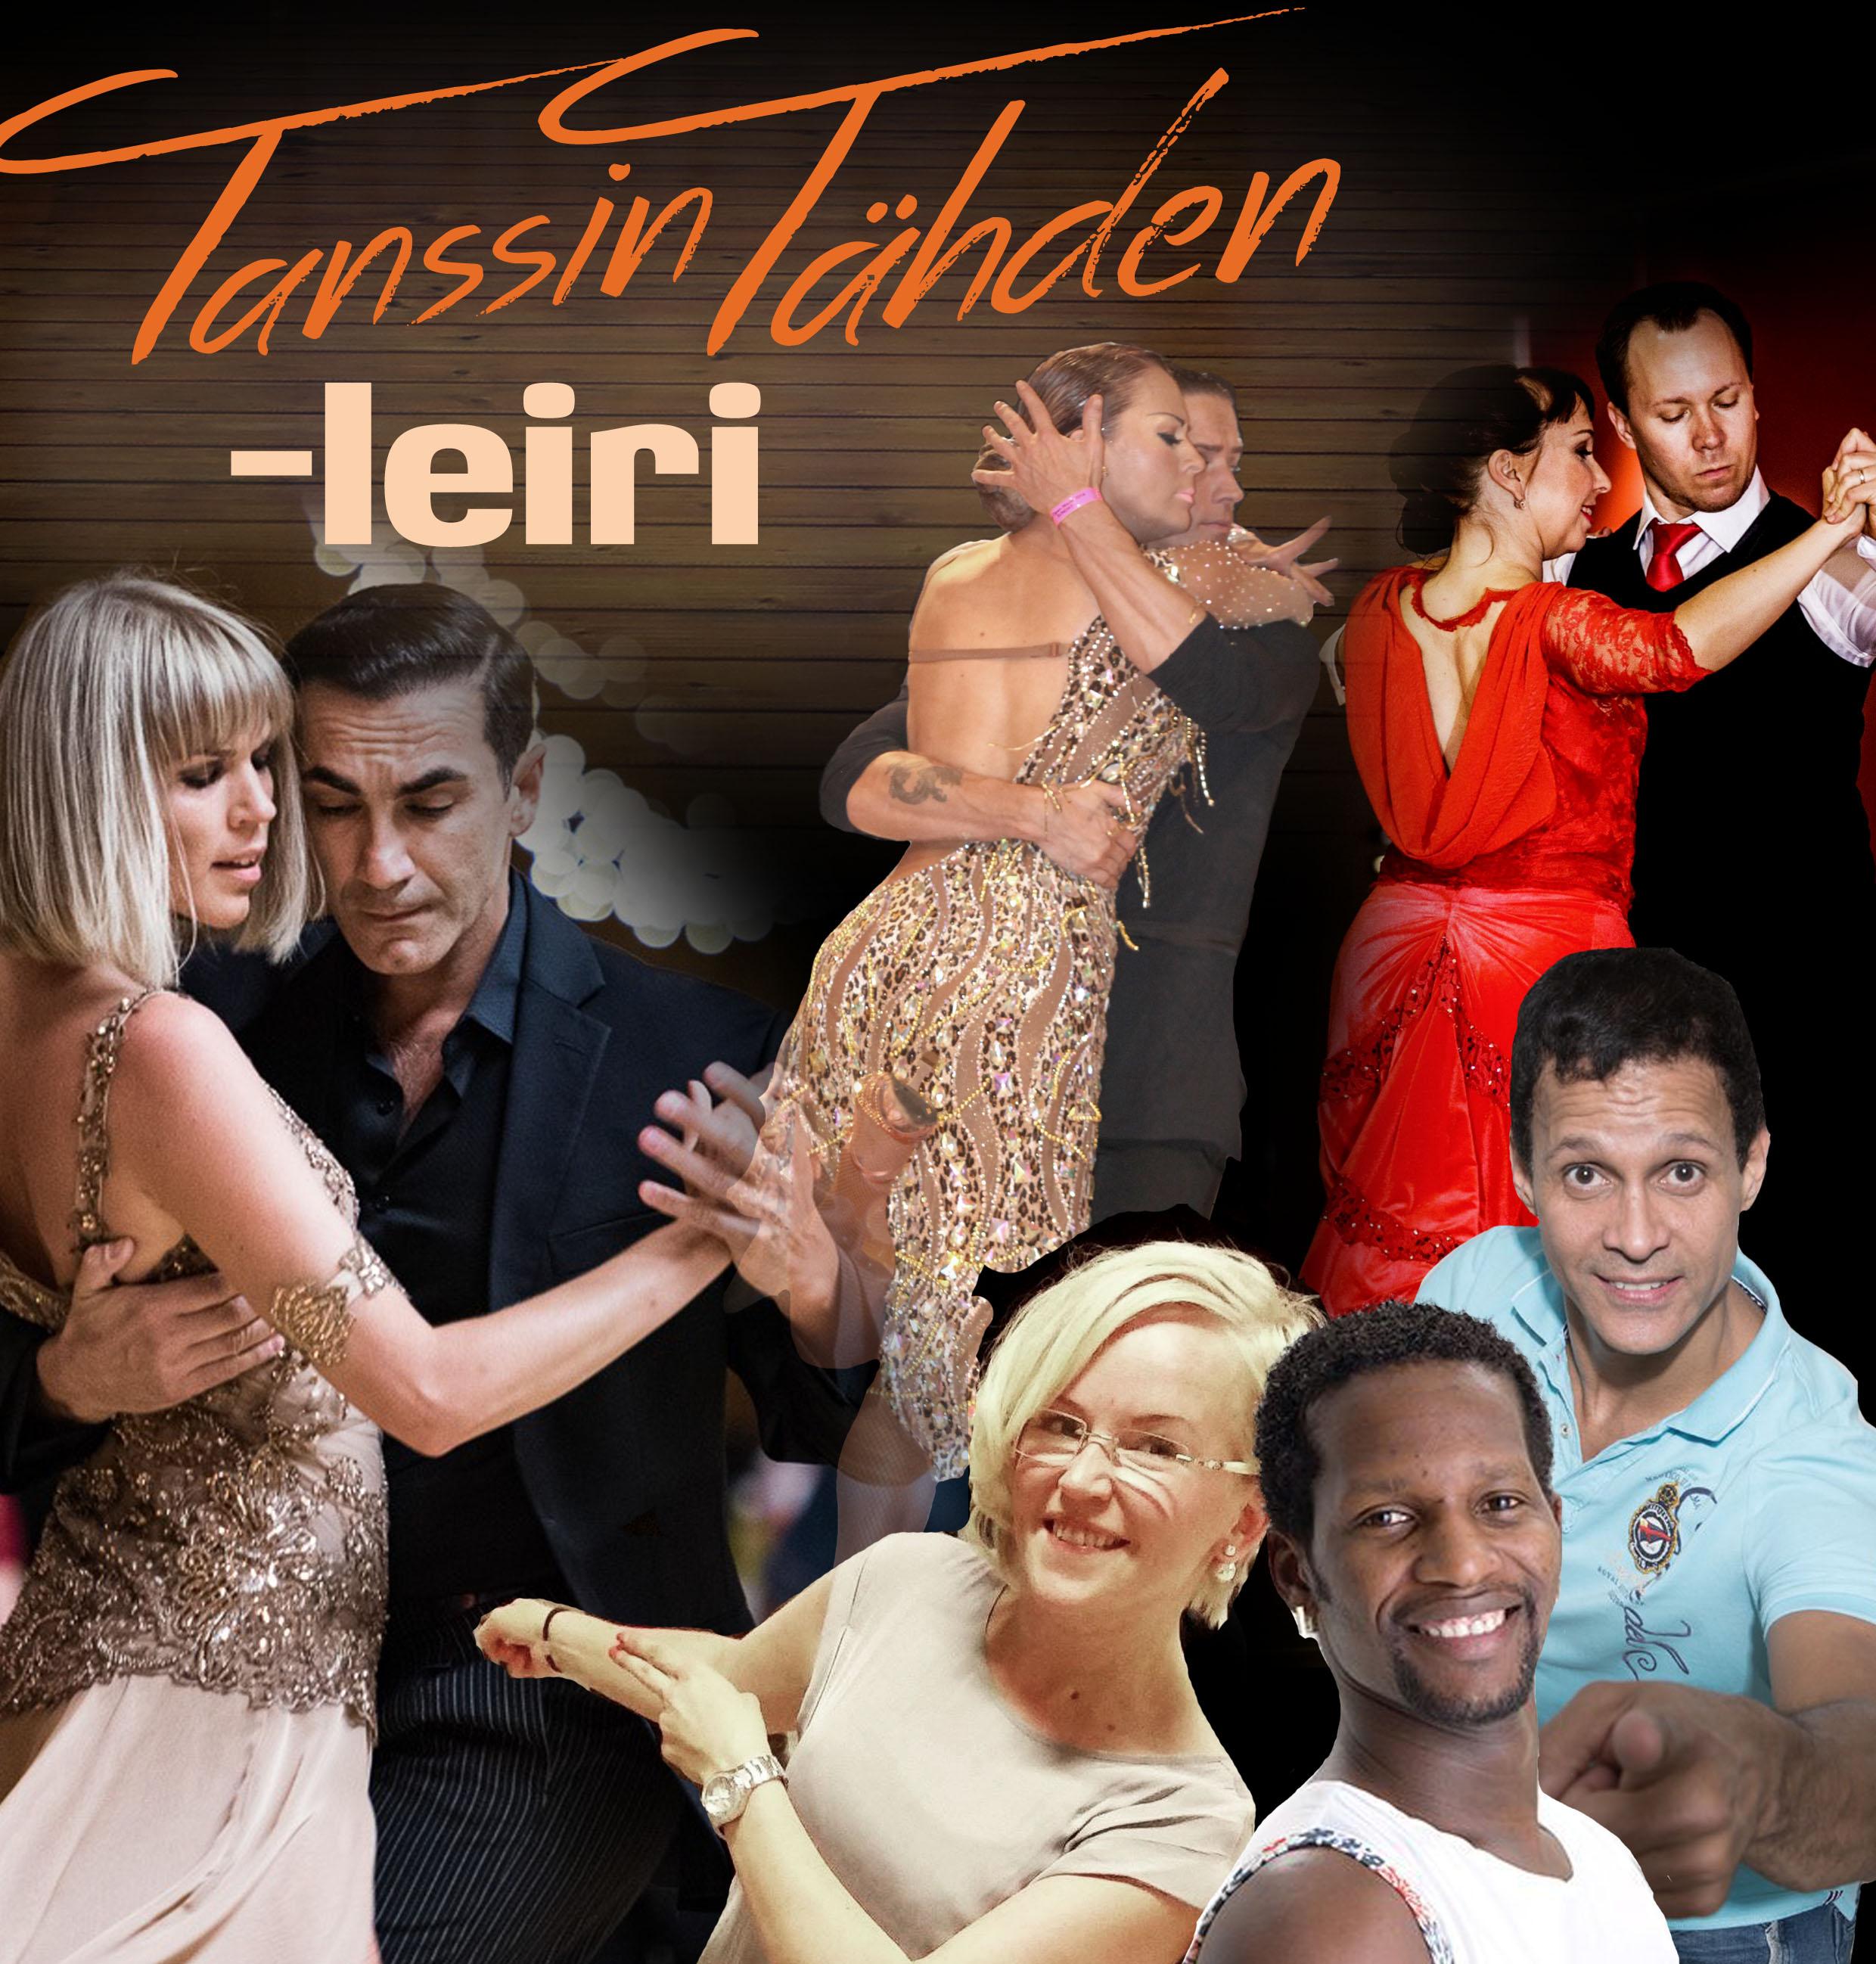 Tanssin tähden -leiri  2. - 3.11. Vääksyssä